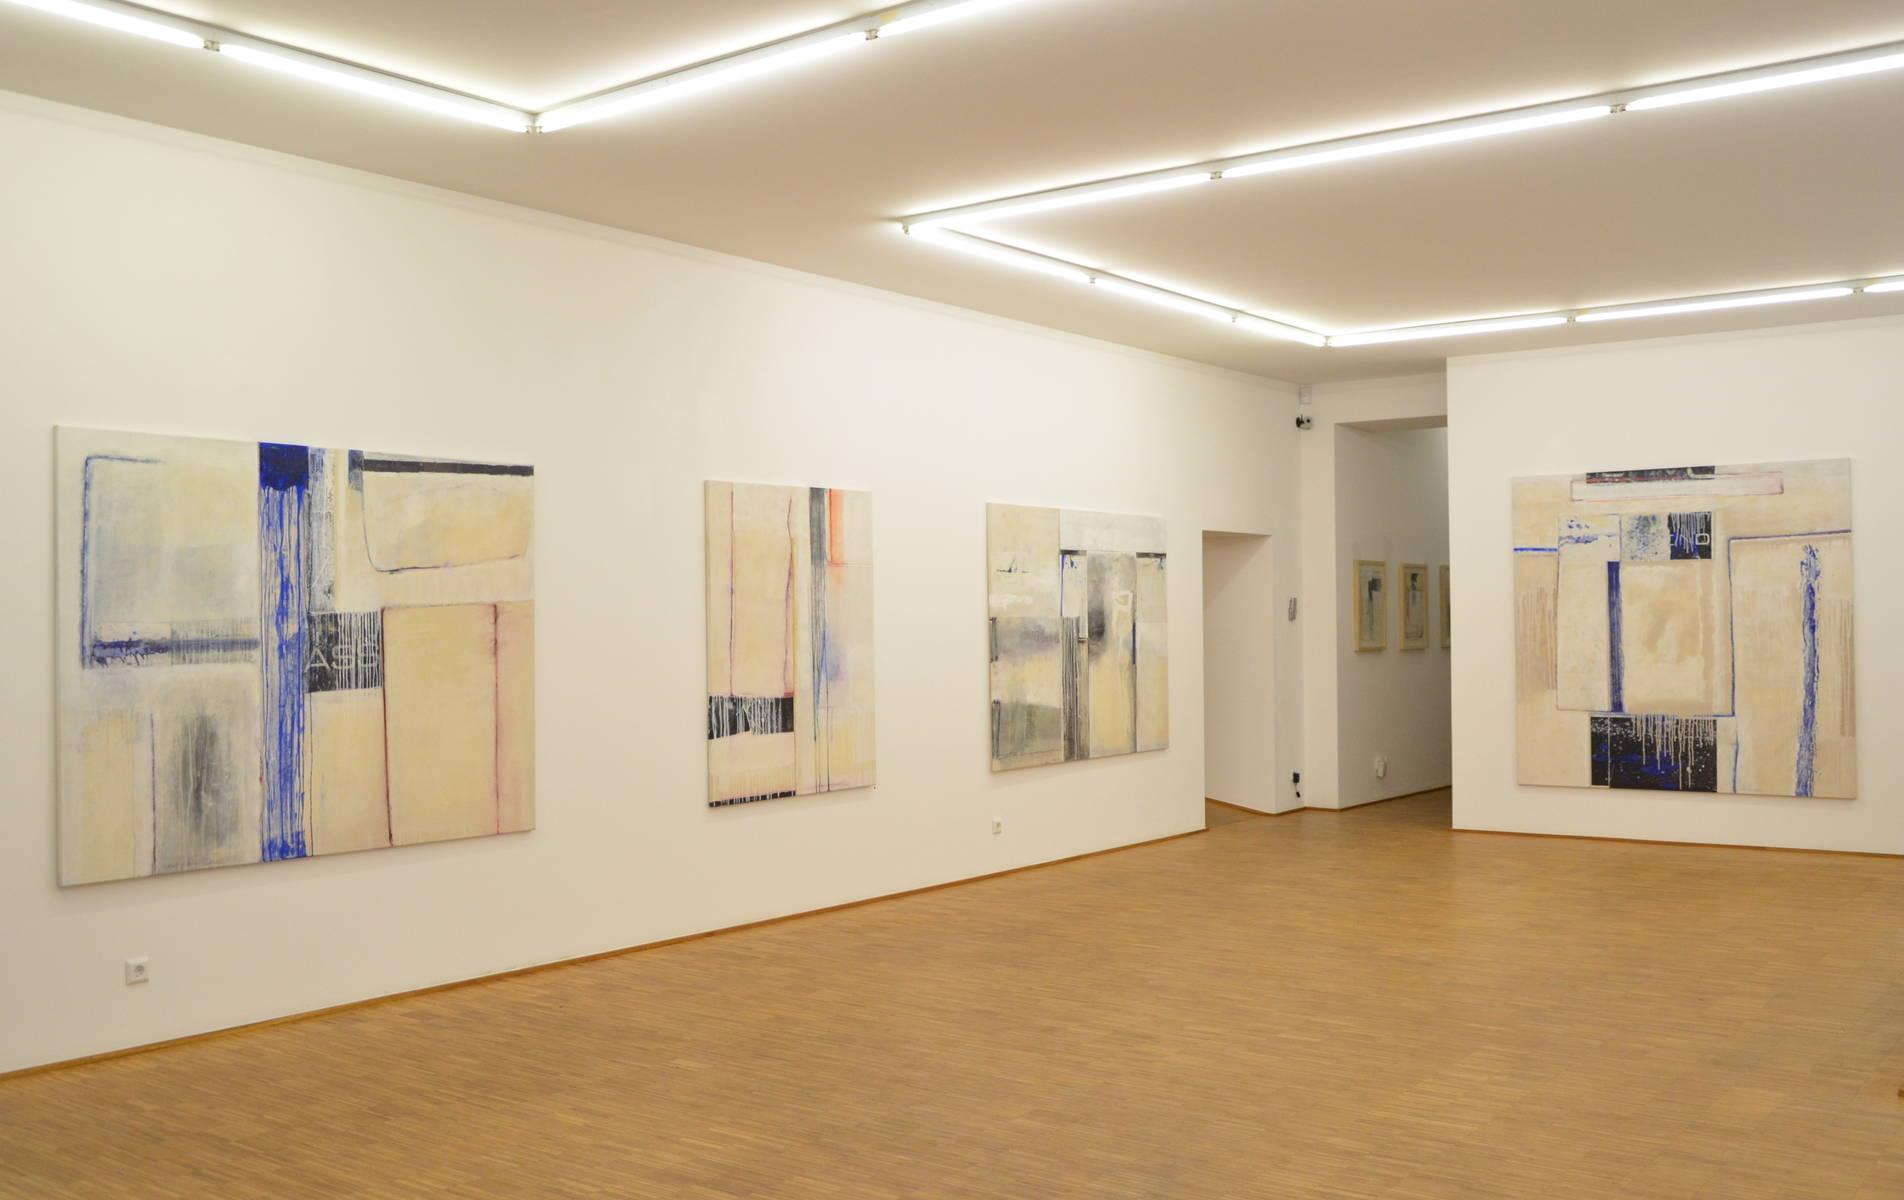 1_Robert Brandy 2012 luxembourg 103